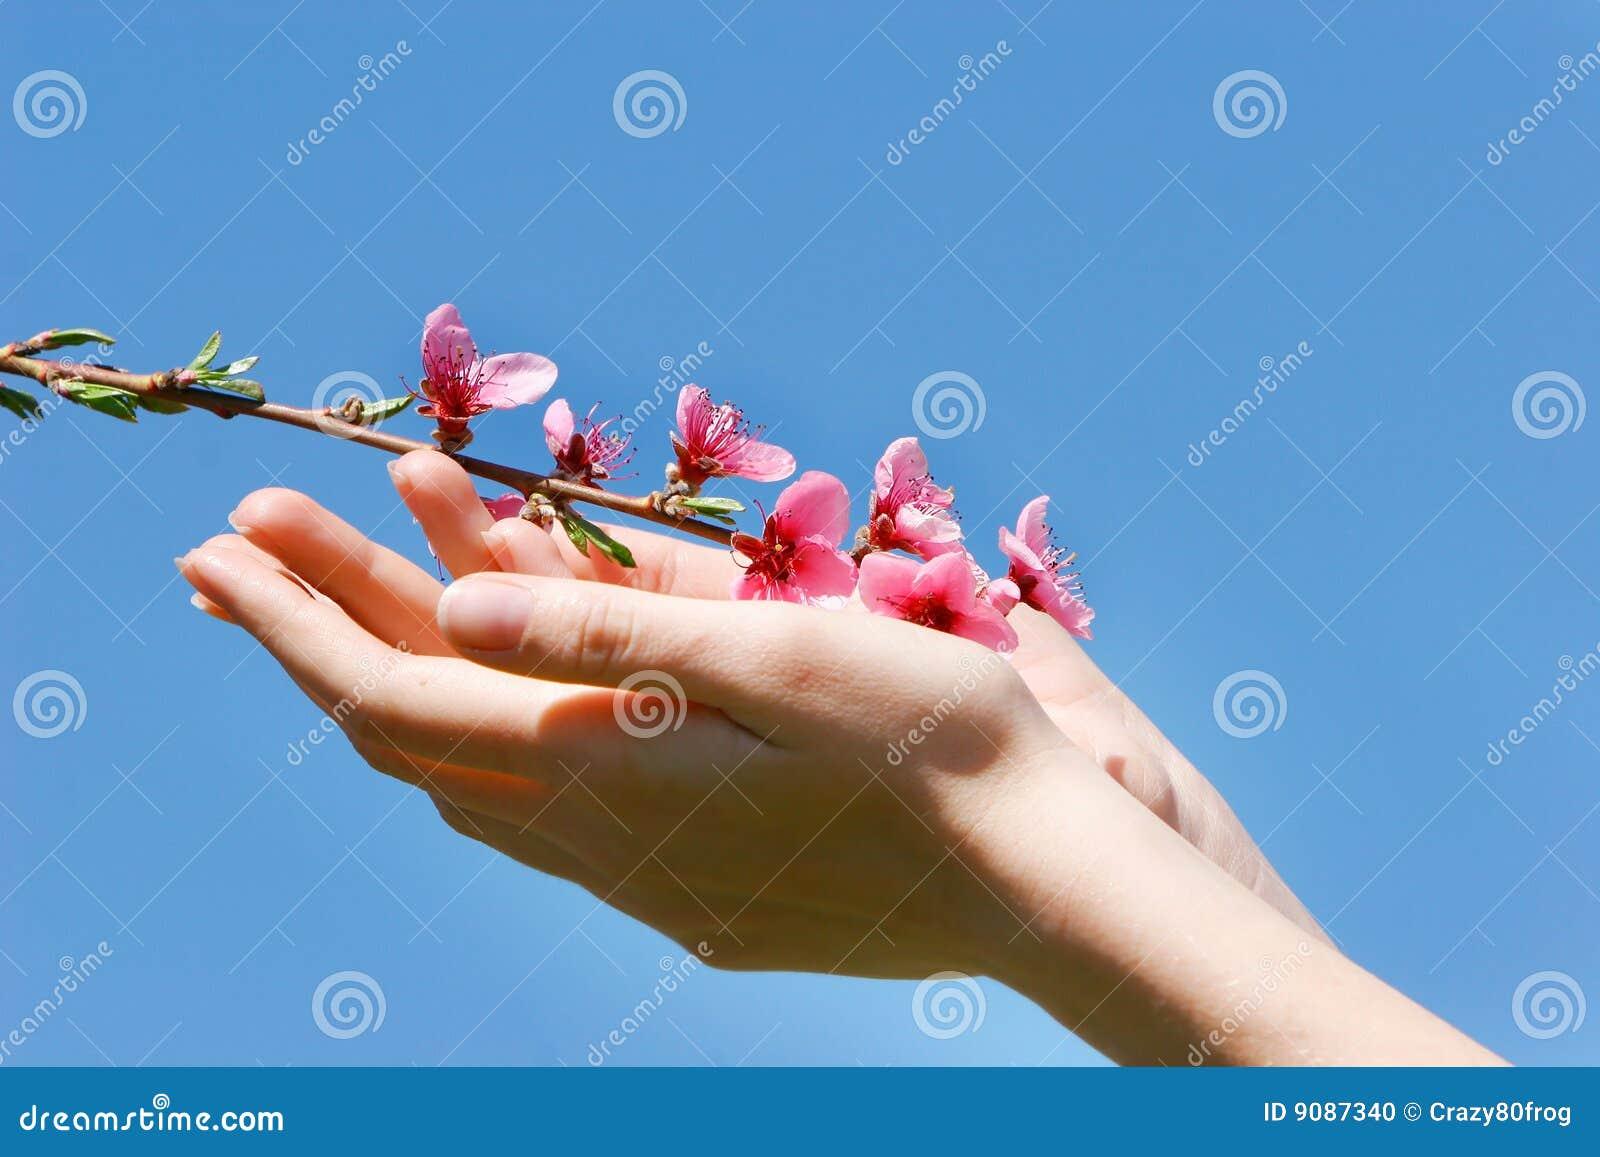 Pfirsichblumen in den Händen